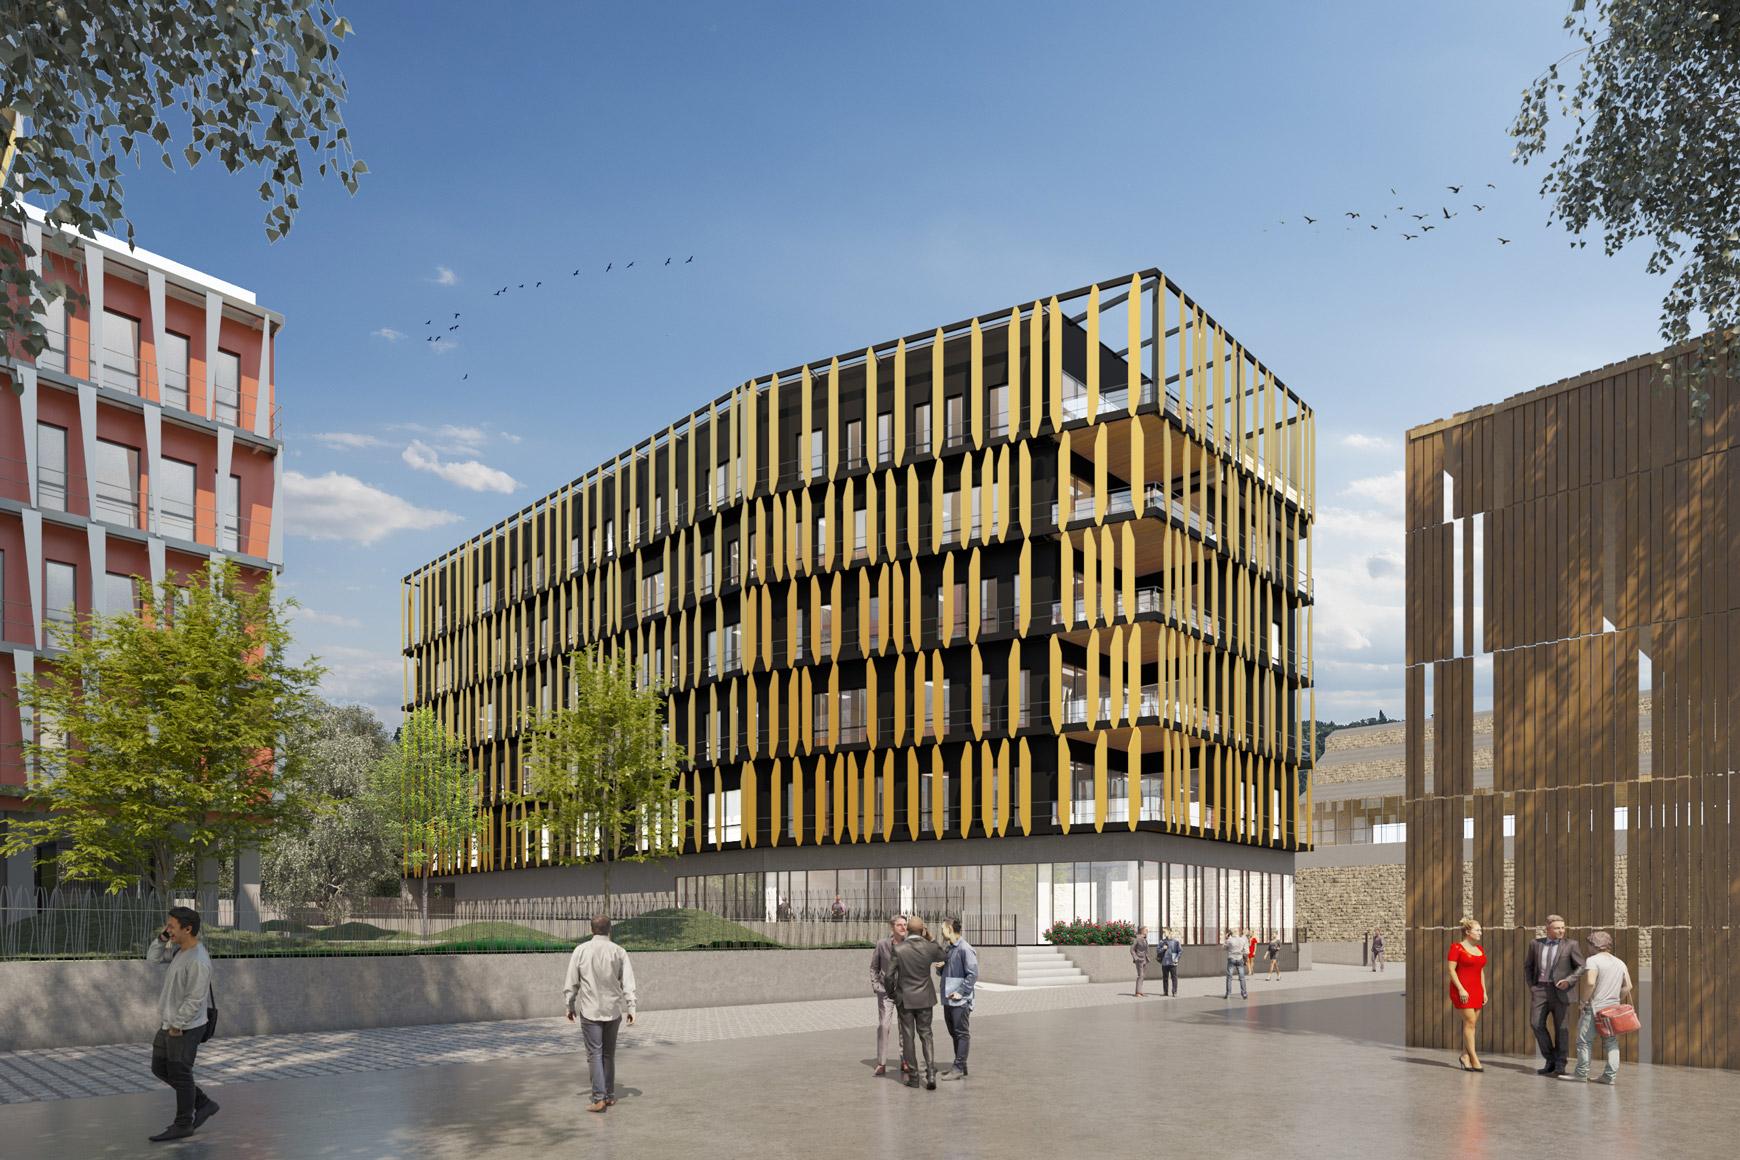 Bâtiment de bureaux à Grenoble au sein de la ZAC Bouchayer Viallet, labélisé BREEAM VERY GOOD, réalisé par le pôle Tertiaire de l'agence d'architecture SOHO ATLAS IN FINE LYON. Perspective, vue depuis la place.